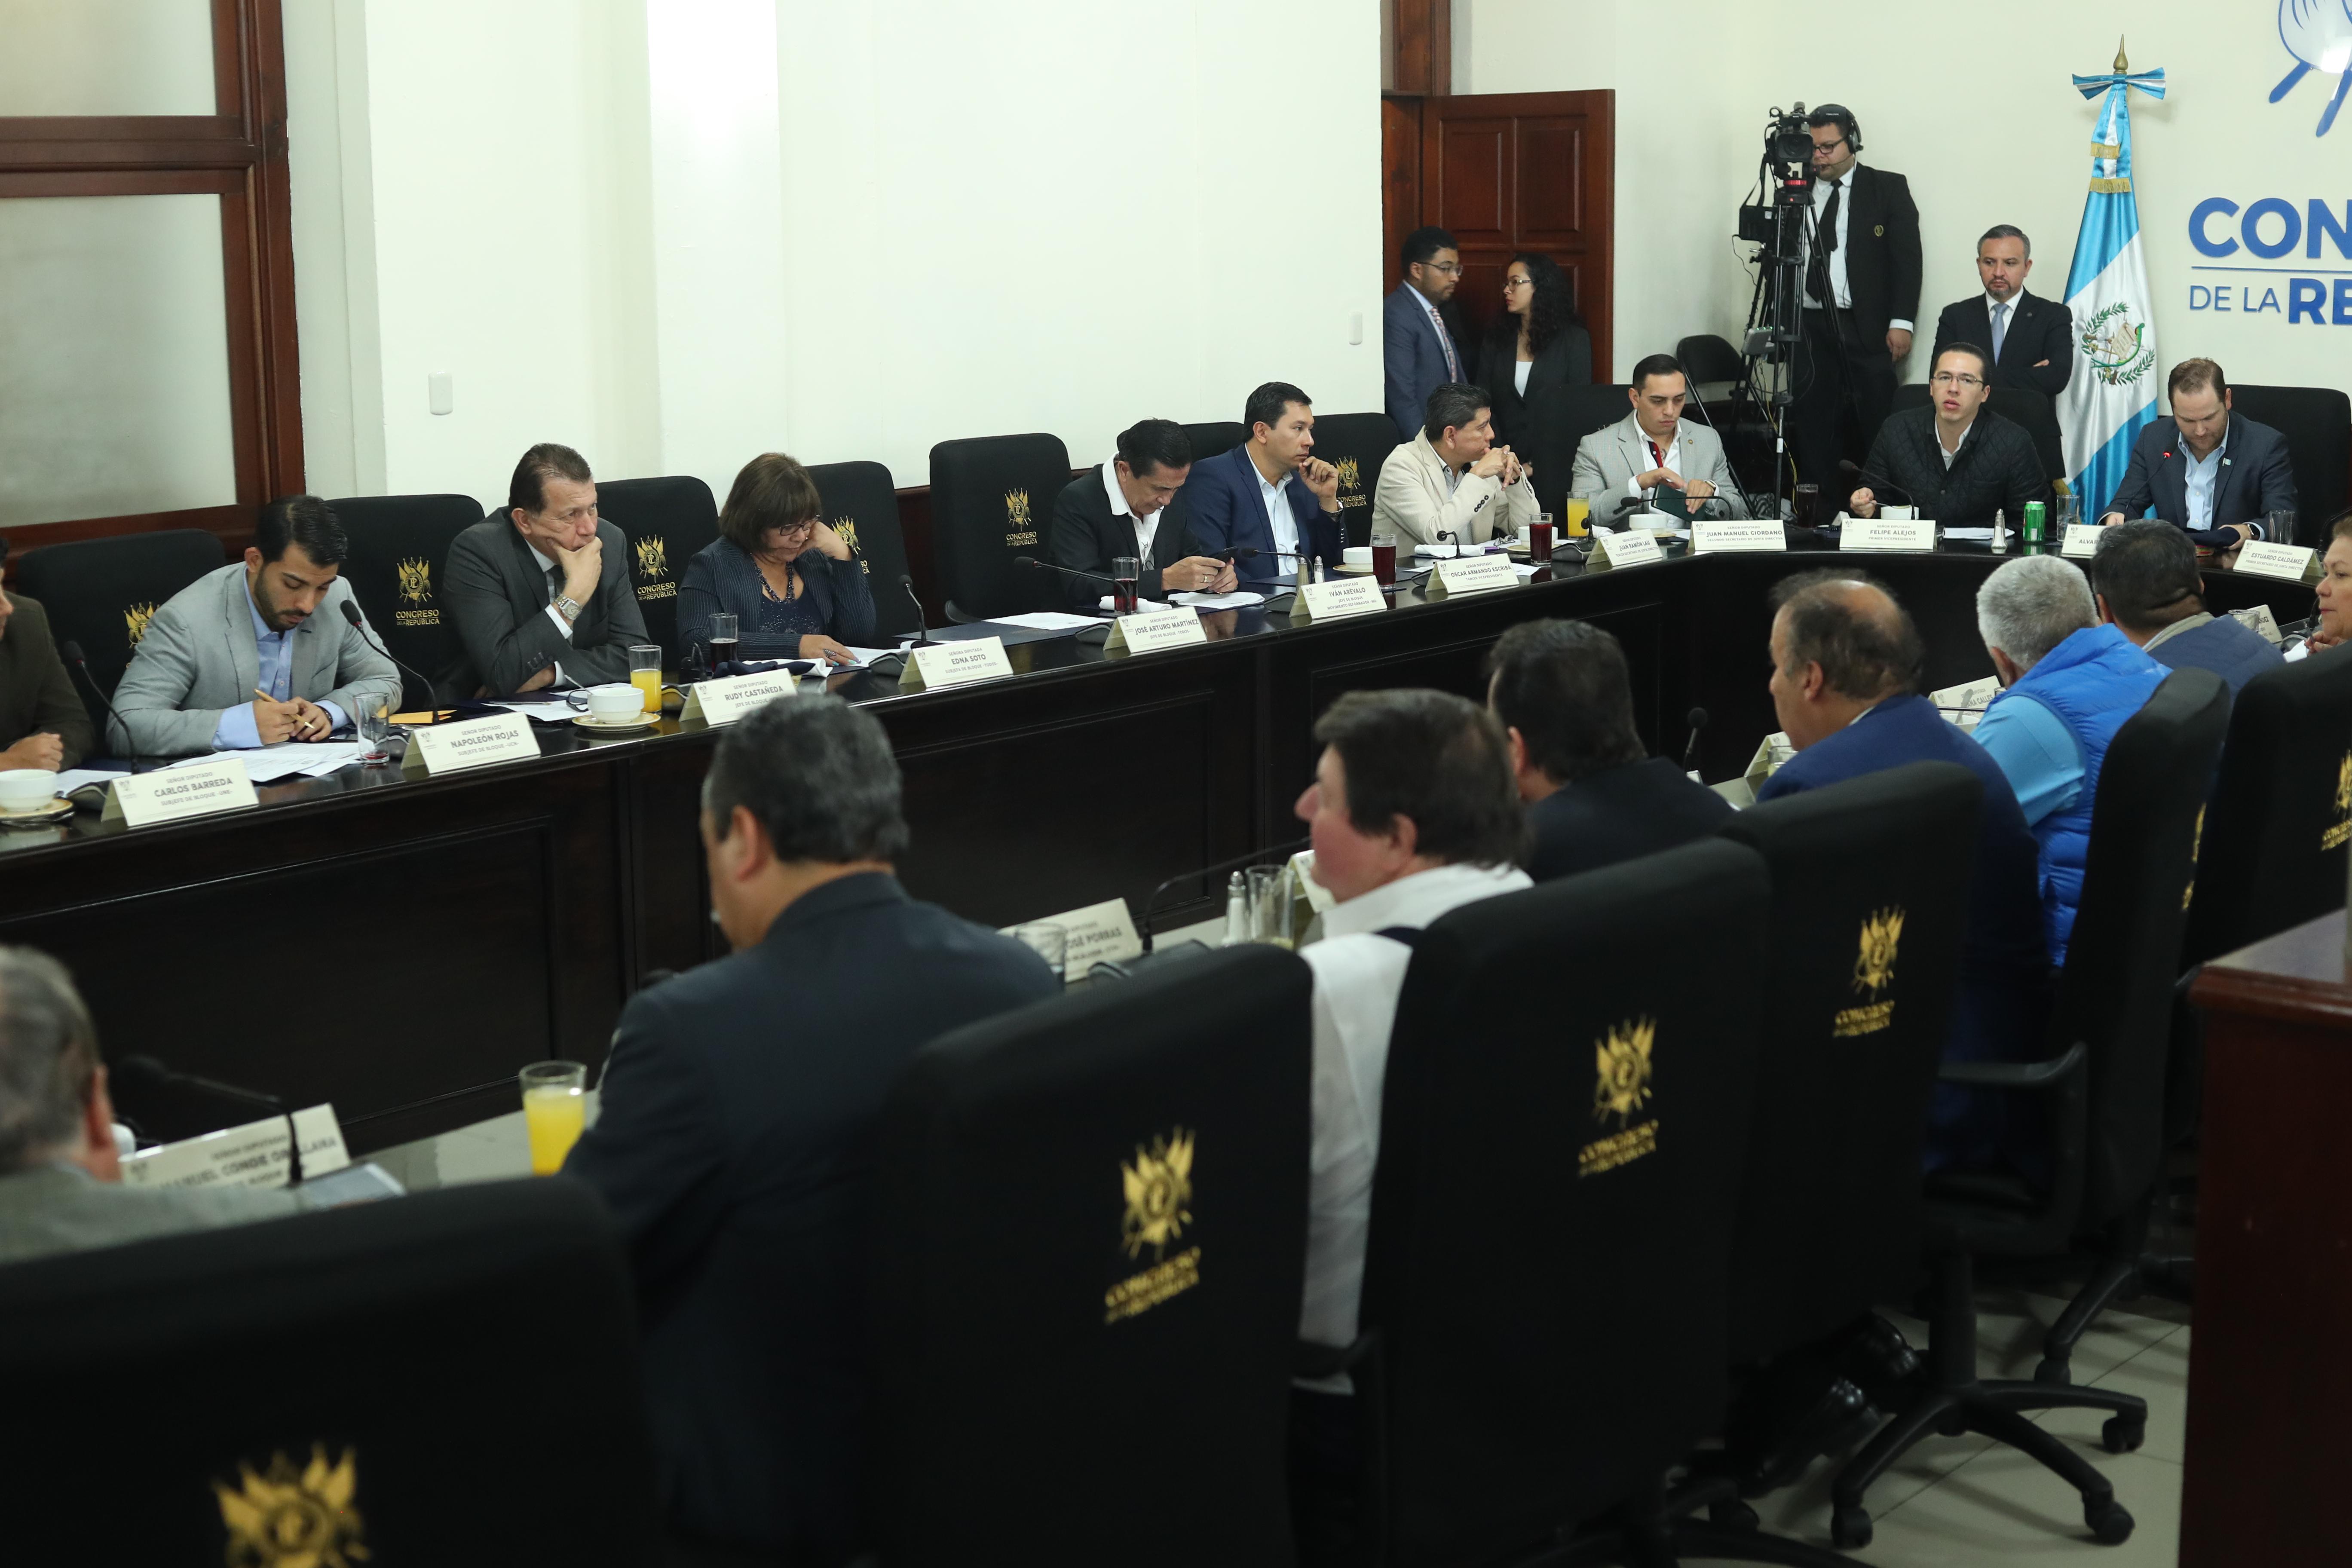 Reunión de jefes de bloque del congreso de la república en discusión sobre agenda legislava.